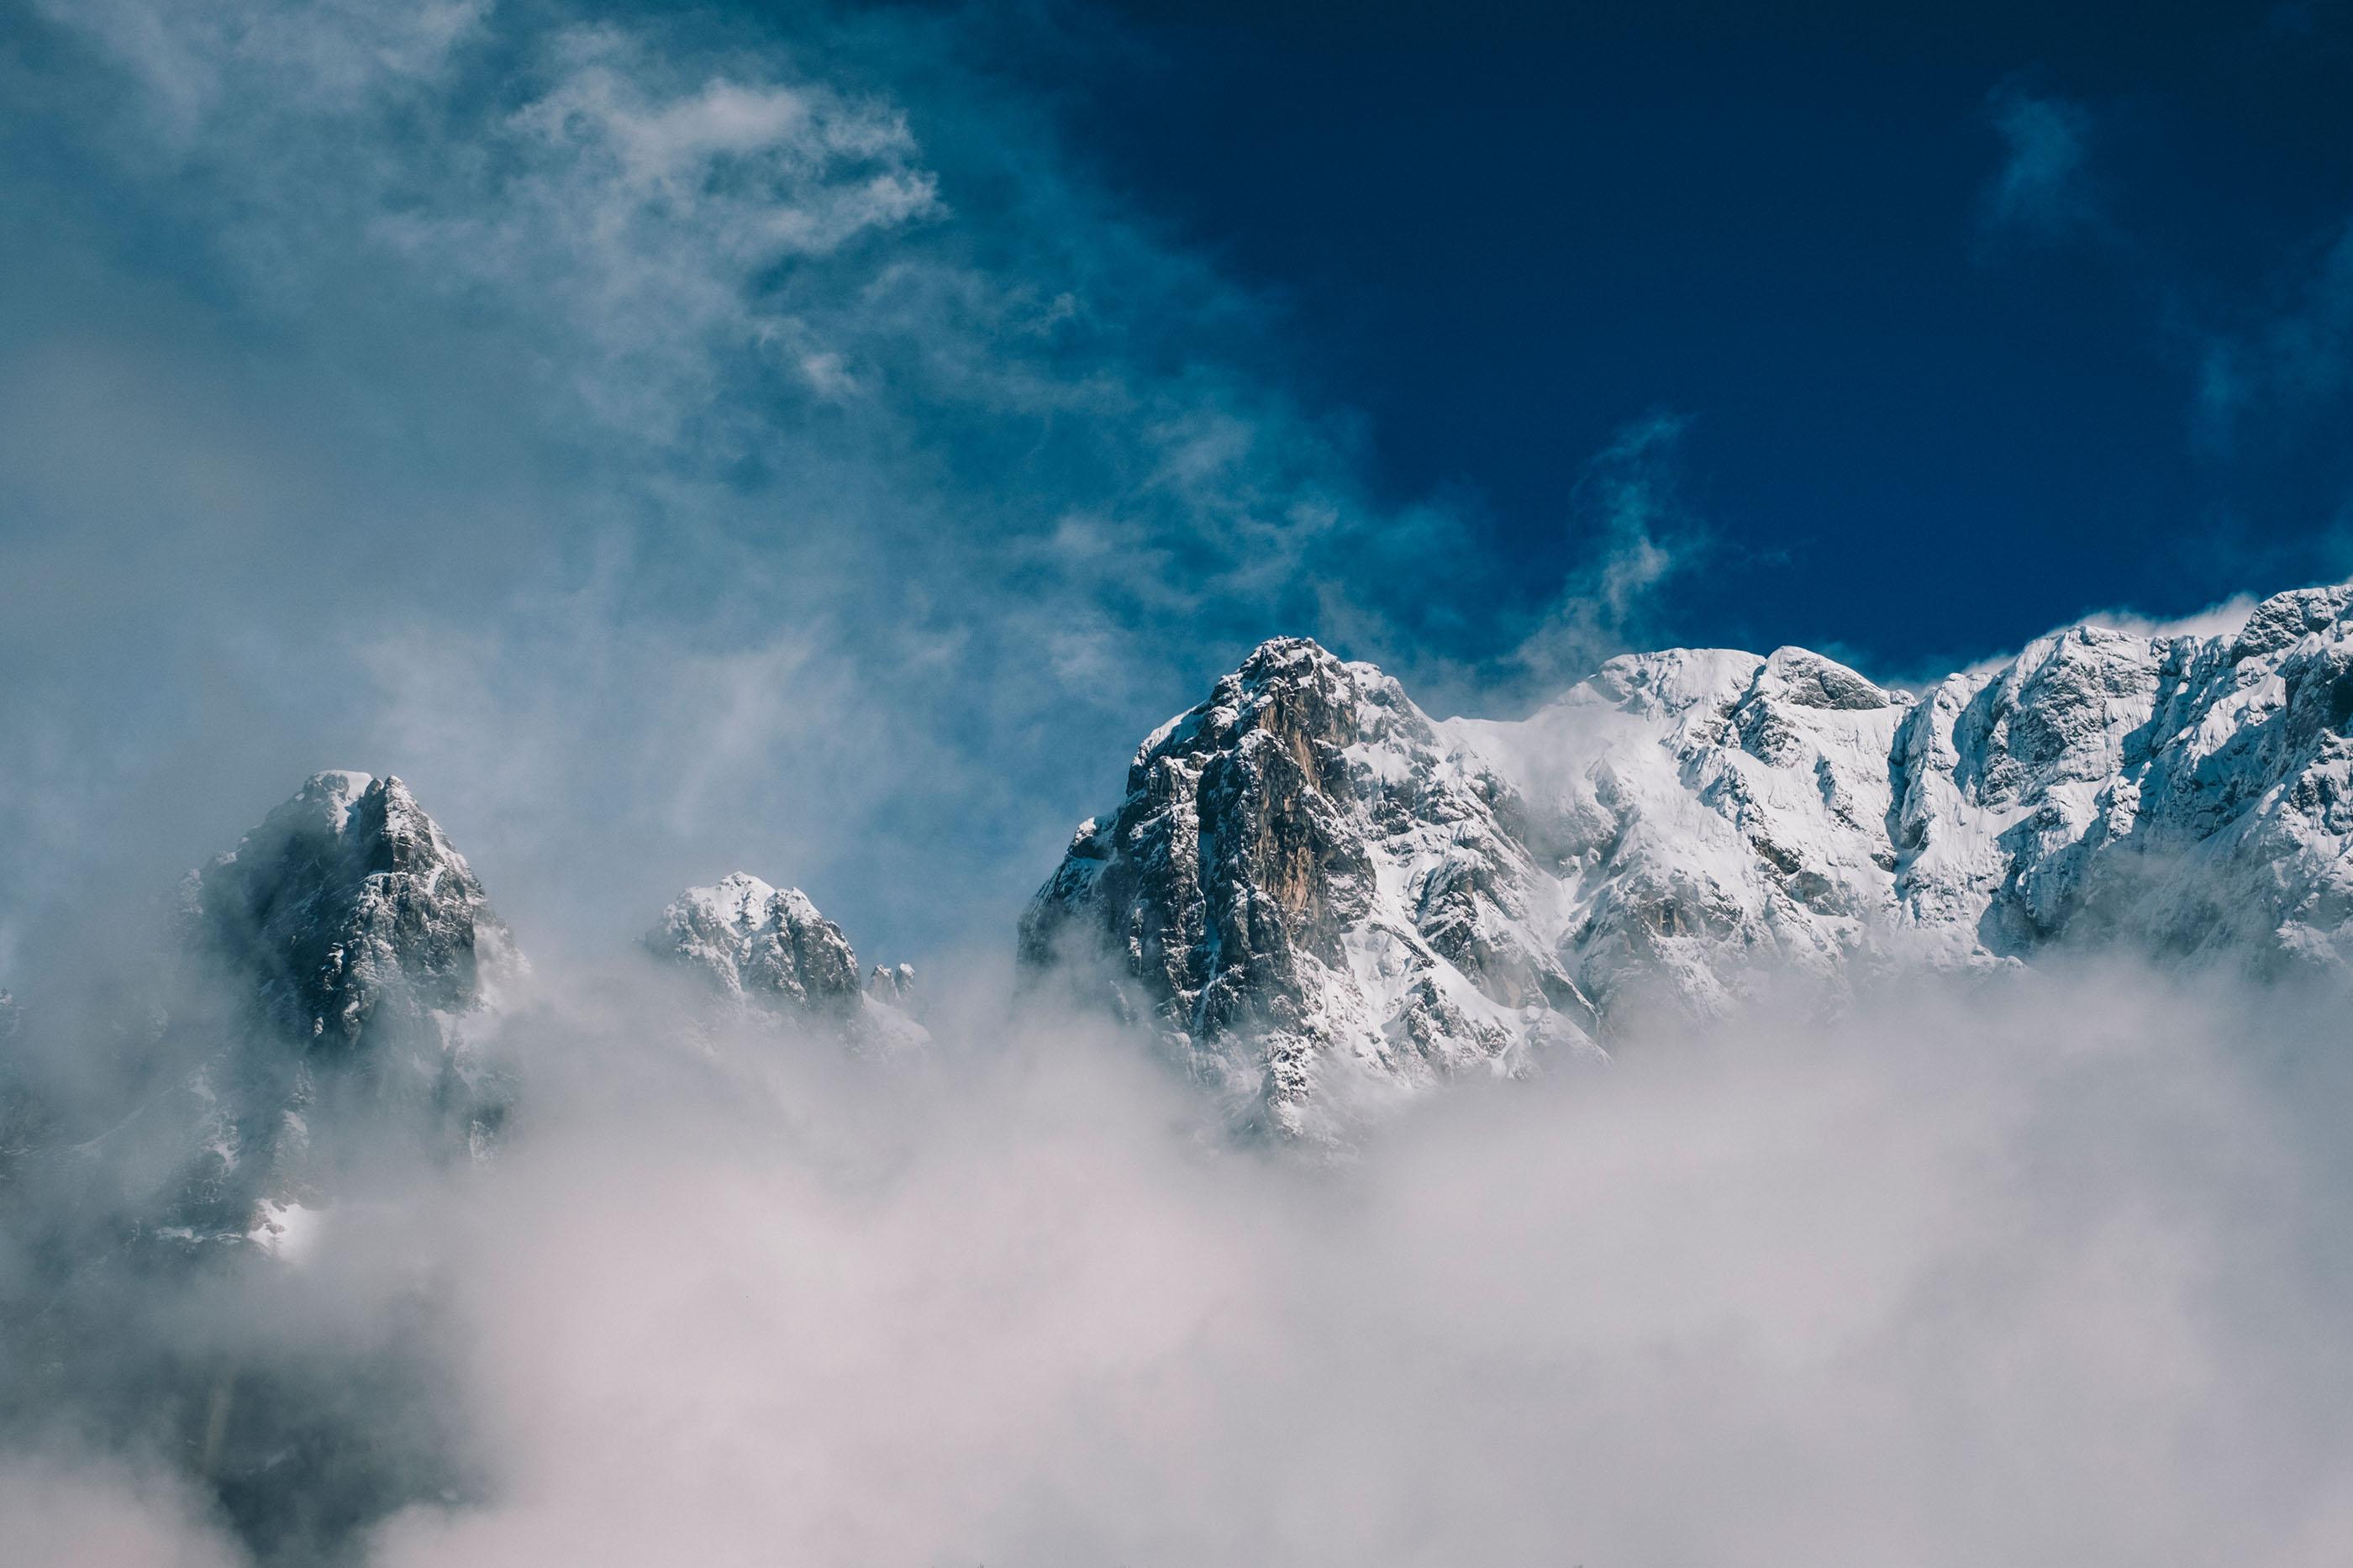 Vršič Pass Snowcapped Mountains